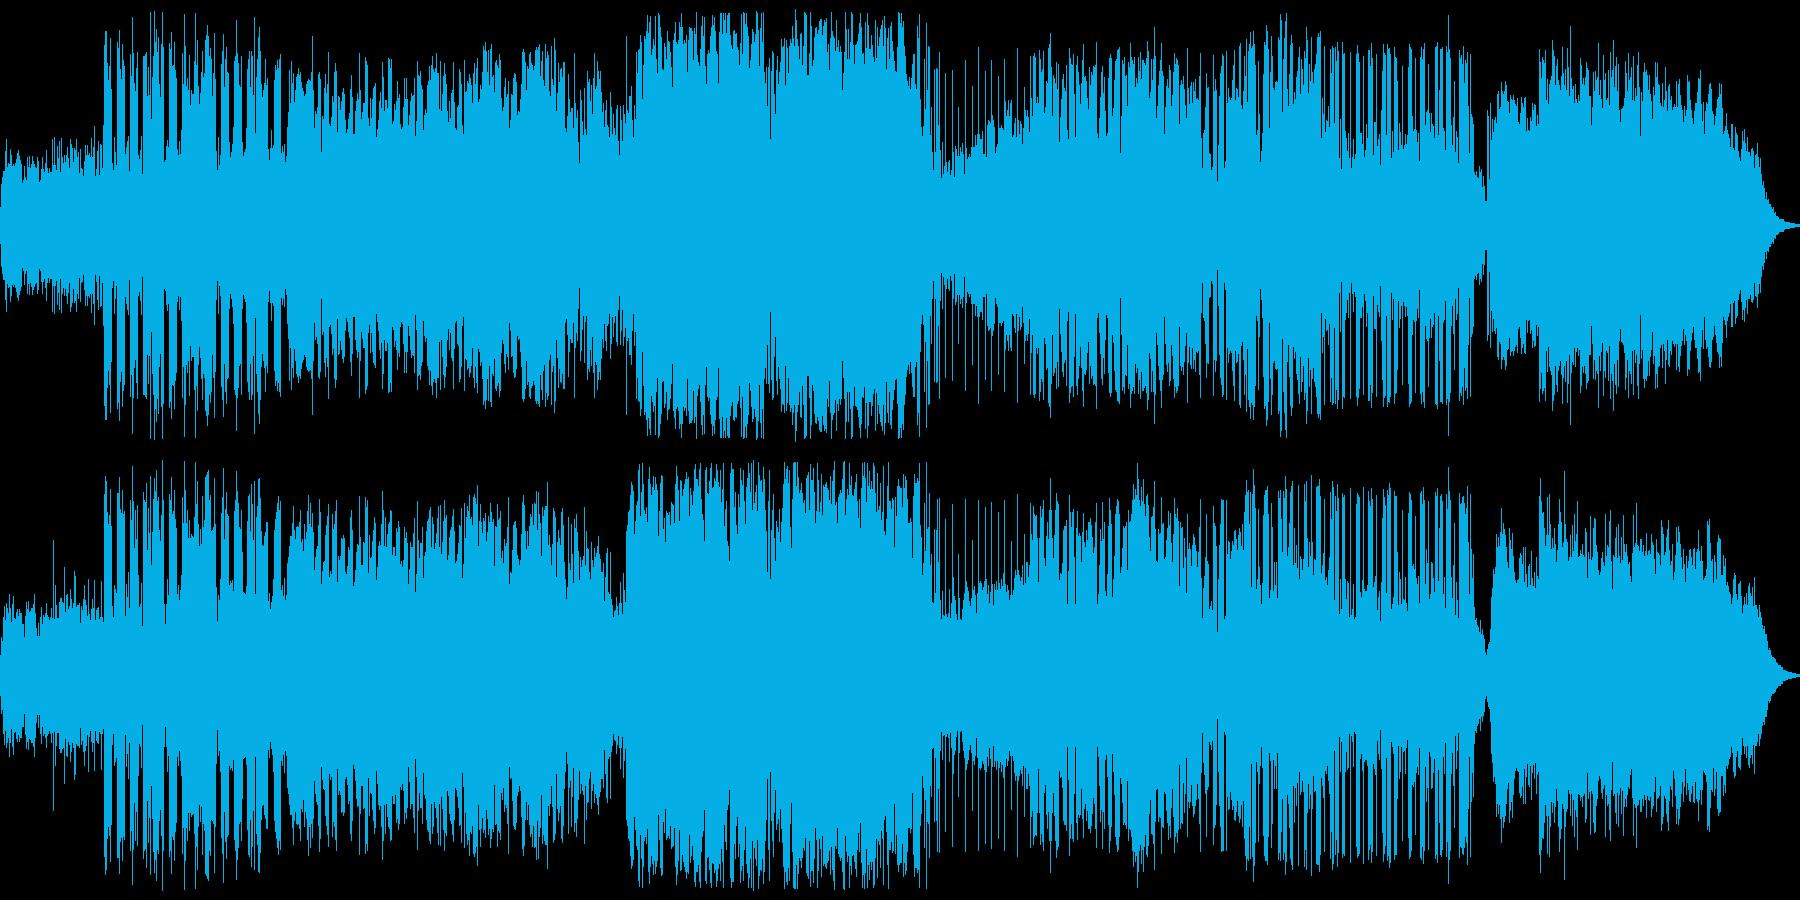 神官をテーマにしたBGMの再生済みの波形